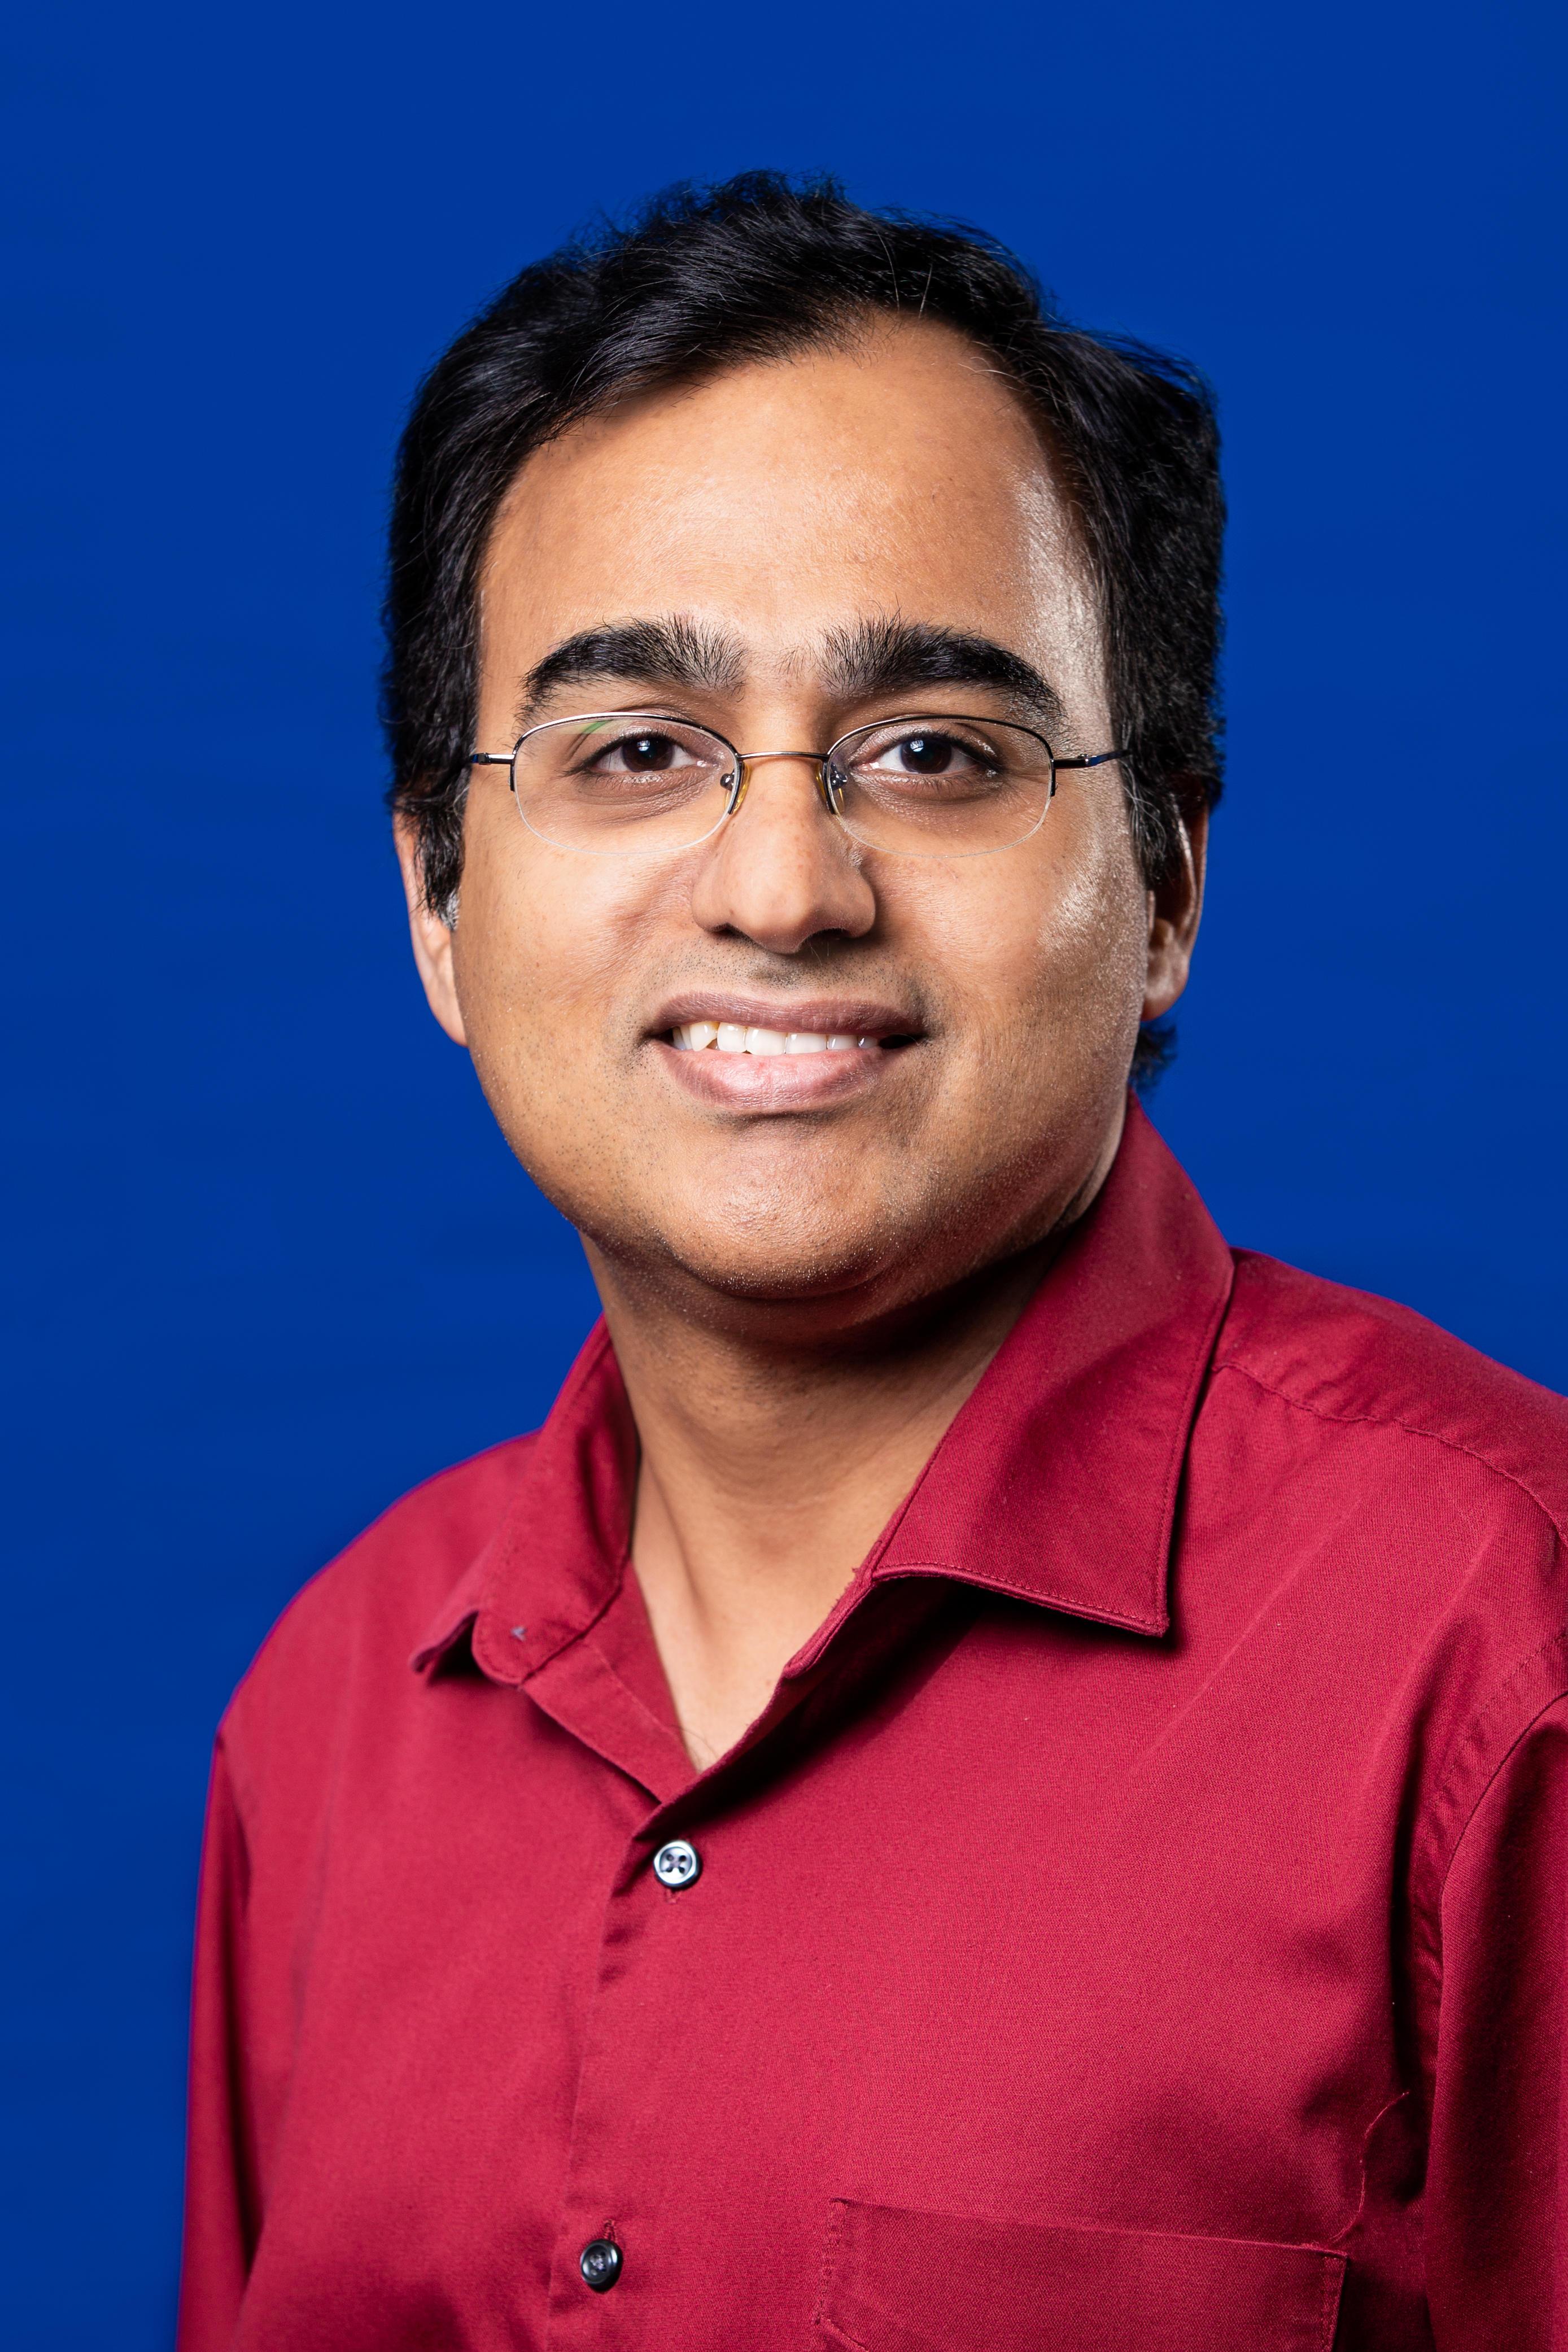 Neralagadde Prasad - Carrollton, GA 30117 - (678)664-3260 | ShowMeLocal.com